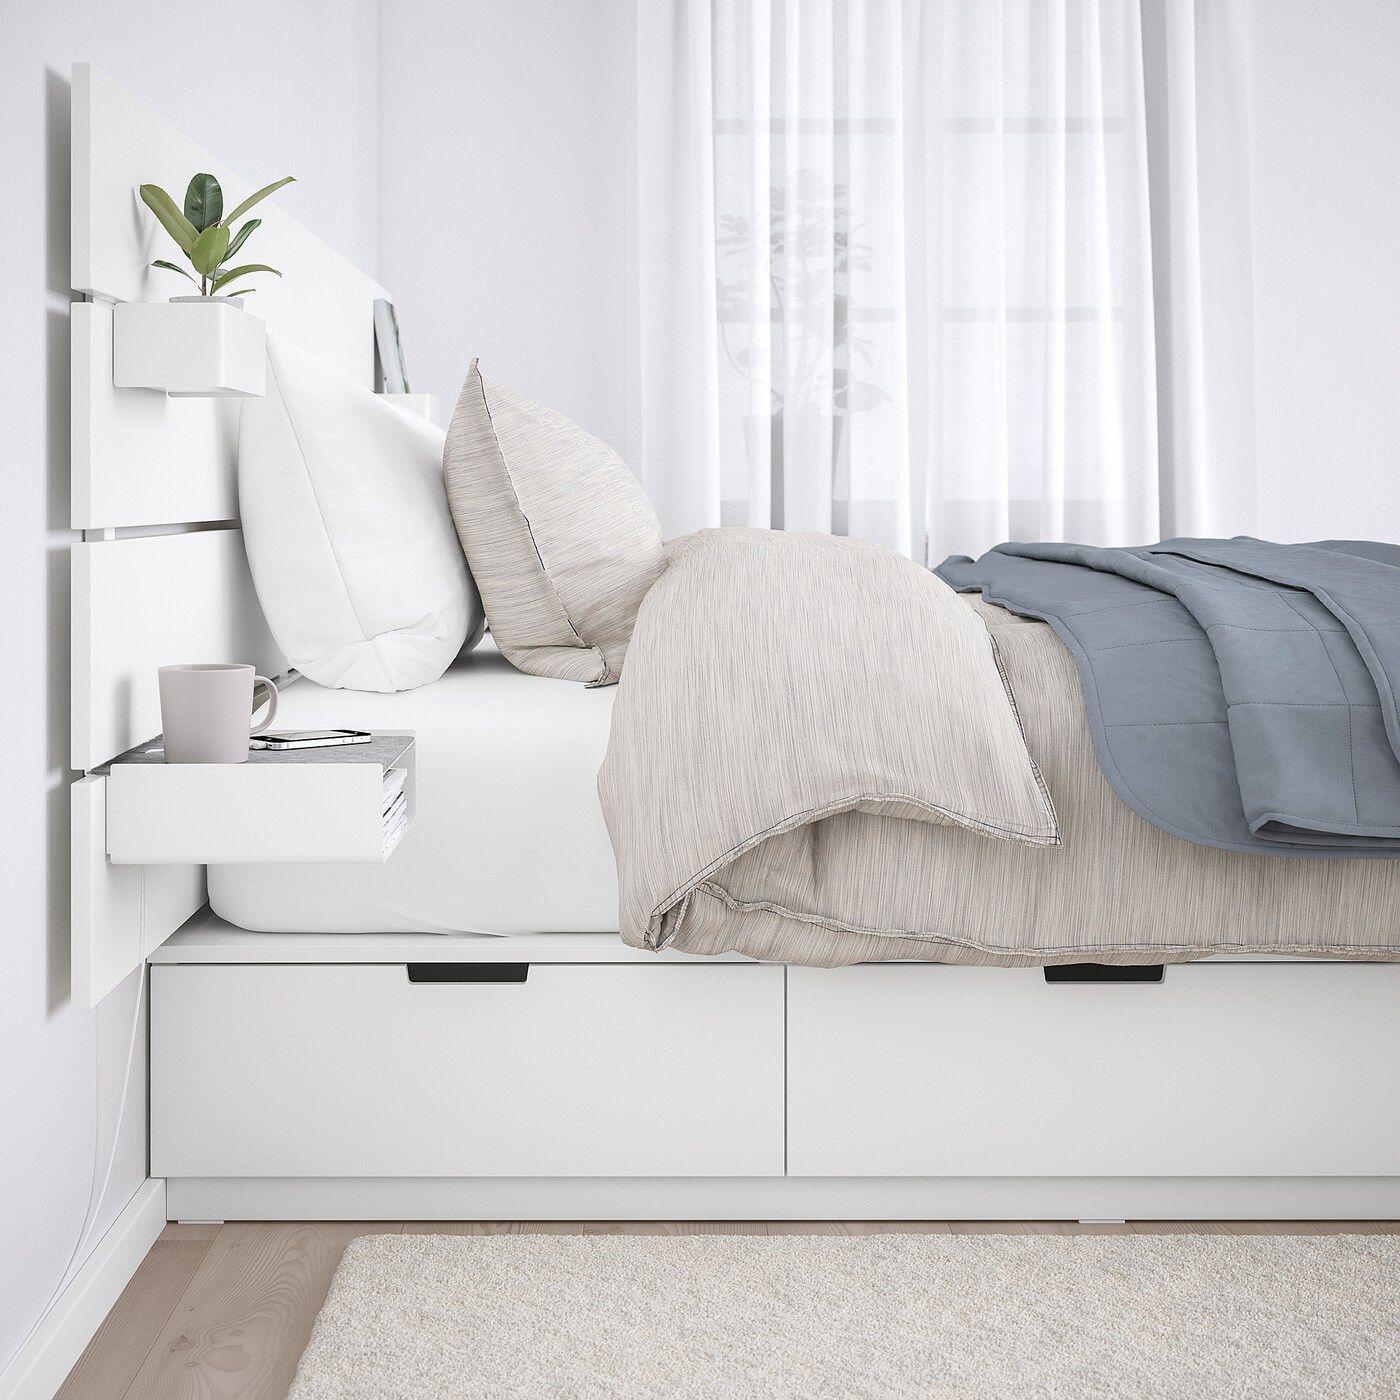 Nordli Bed With Headboard And Storage White Ikea In 2020 Bett Lagerung Ideen Kopfteil Bettgestell